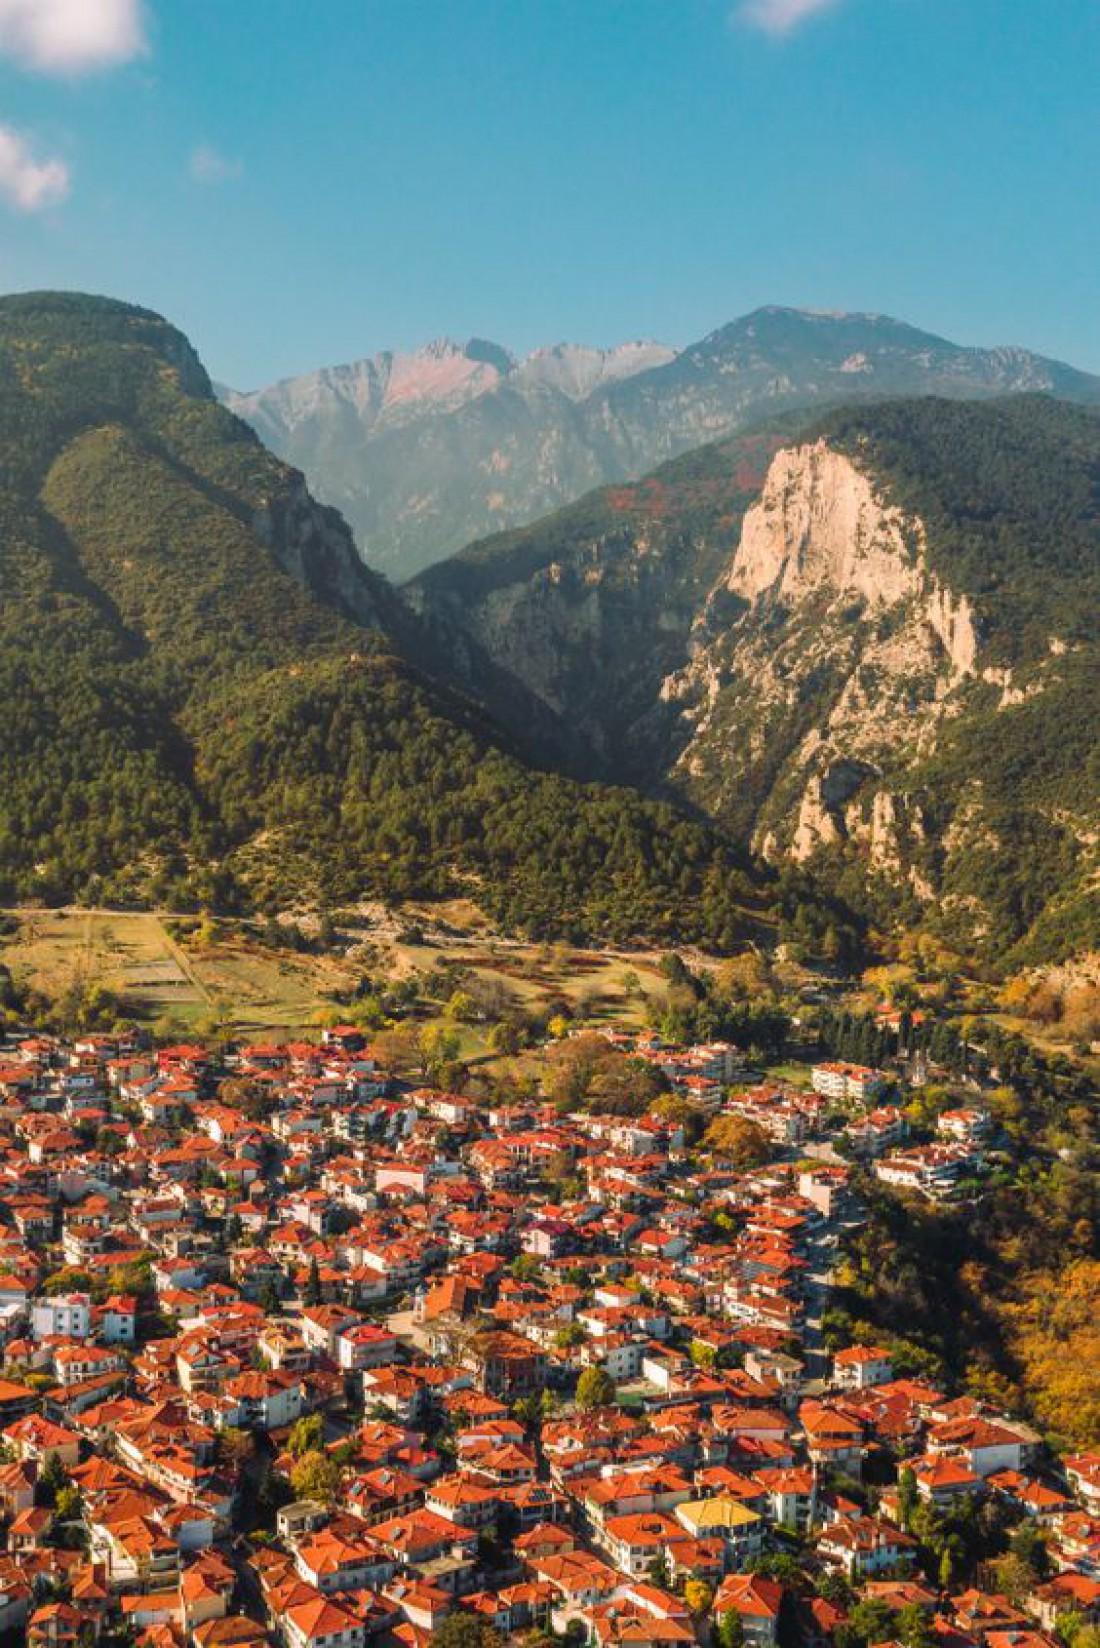 ТОП-5 лучших достопримечательностей Македонии